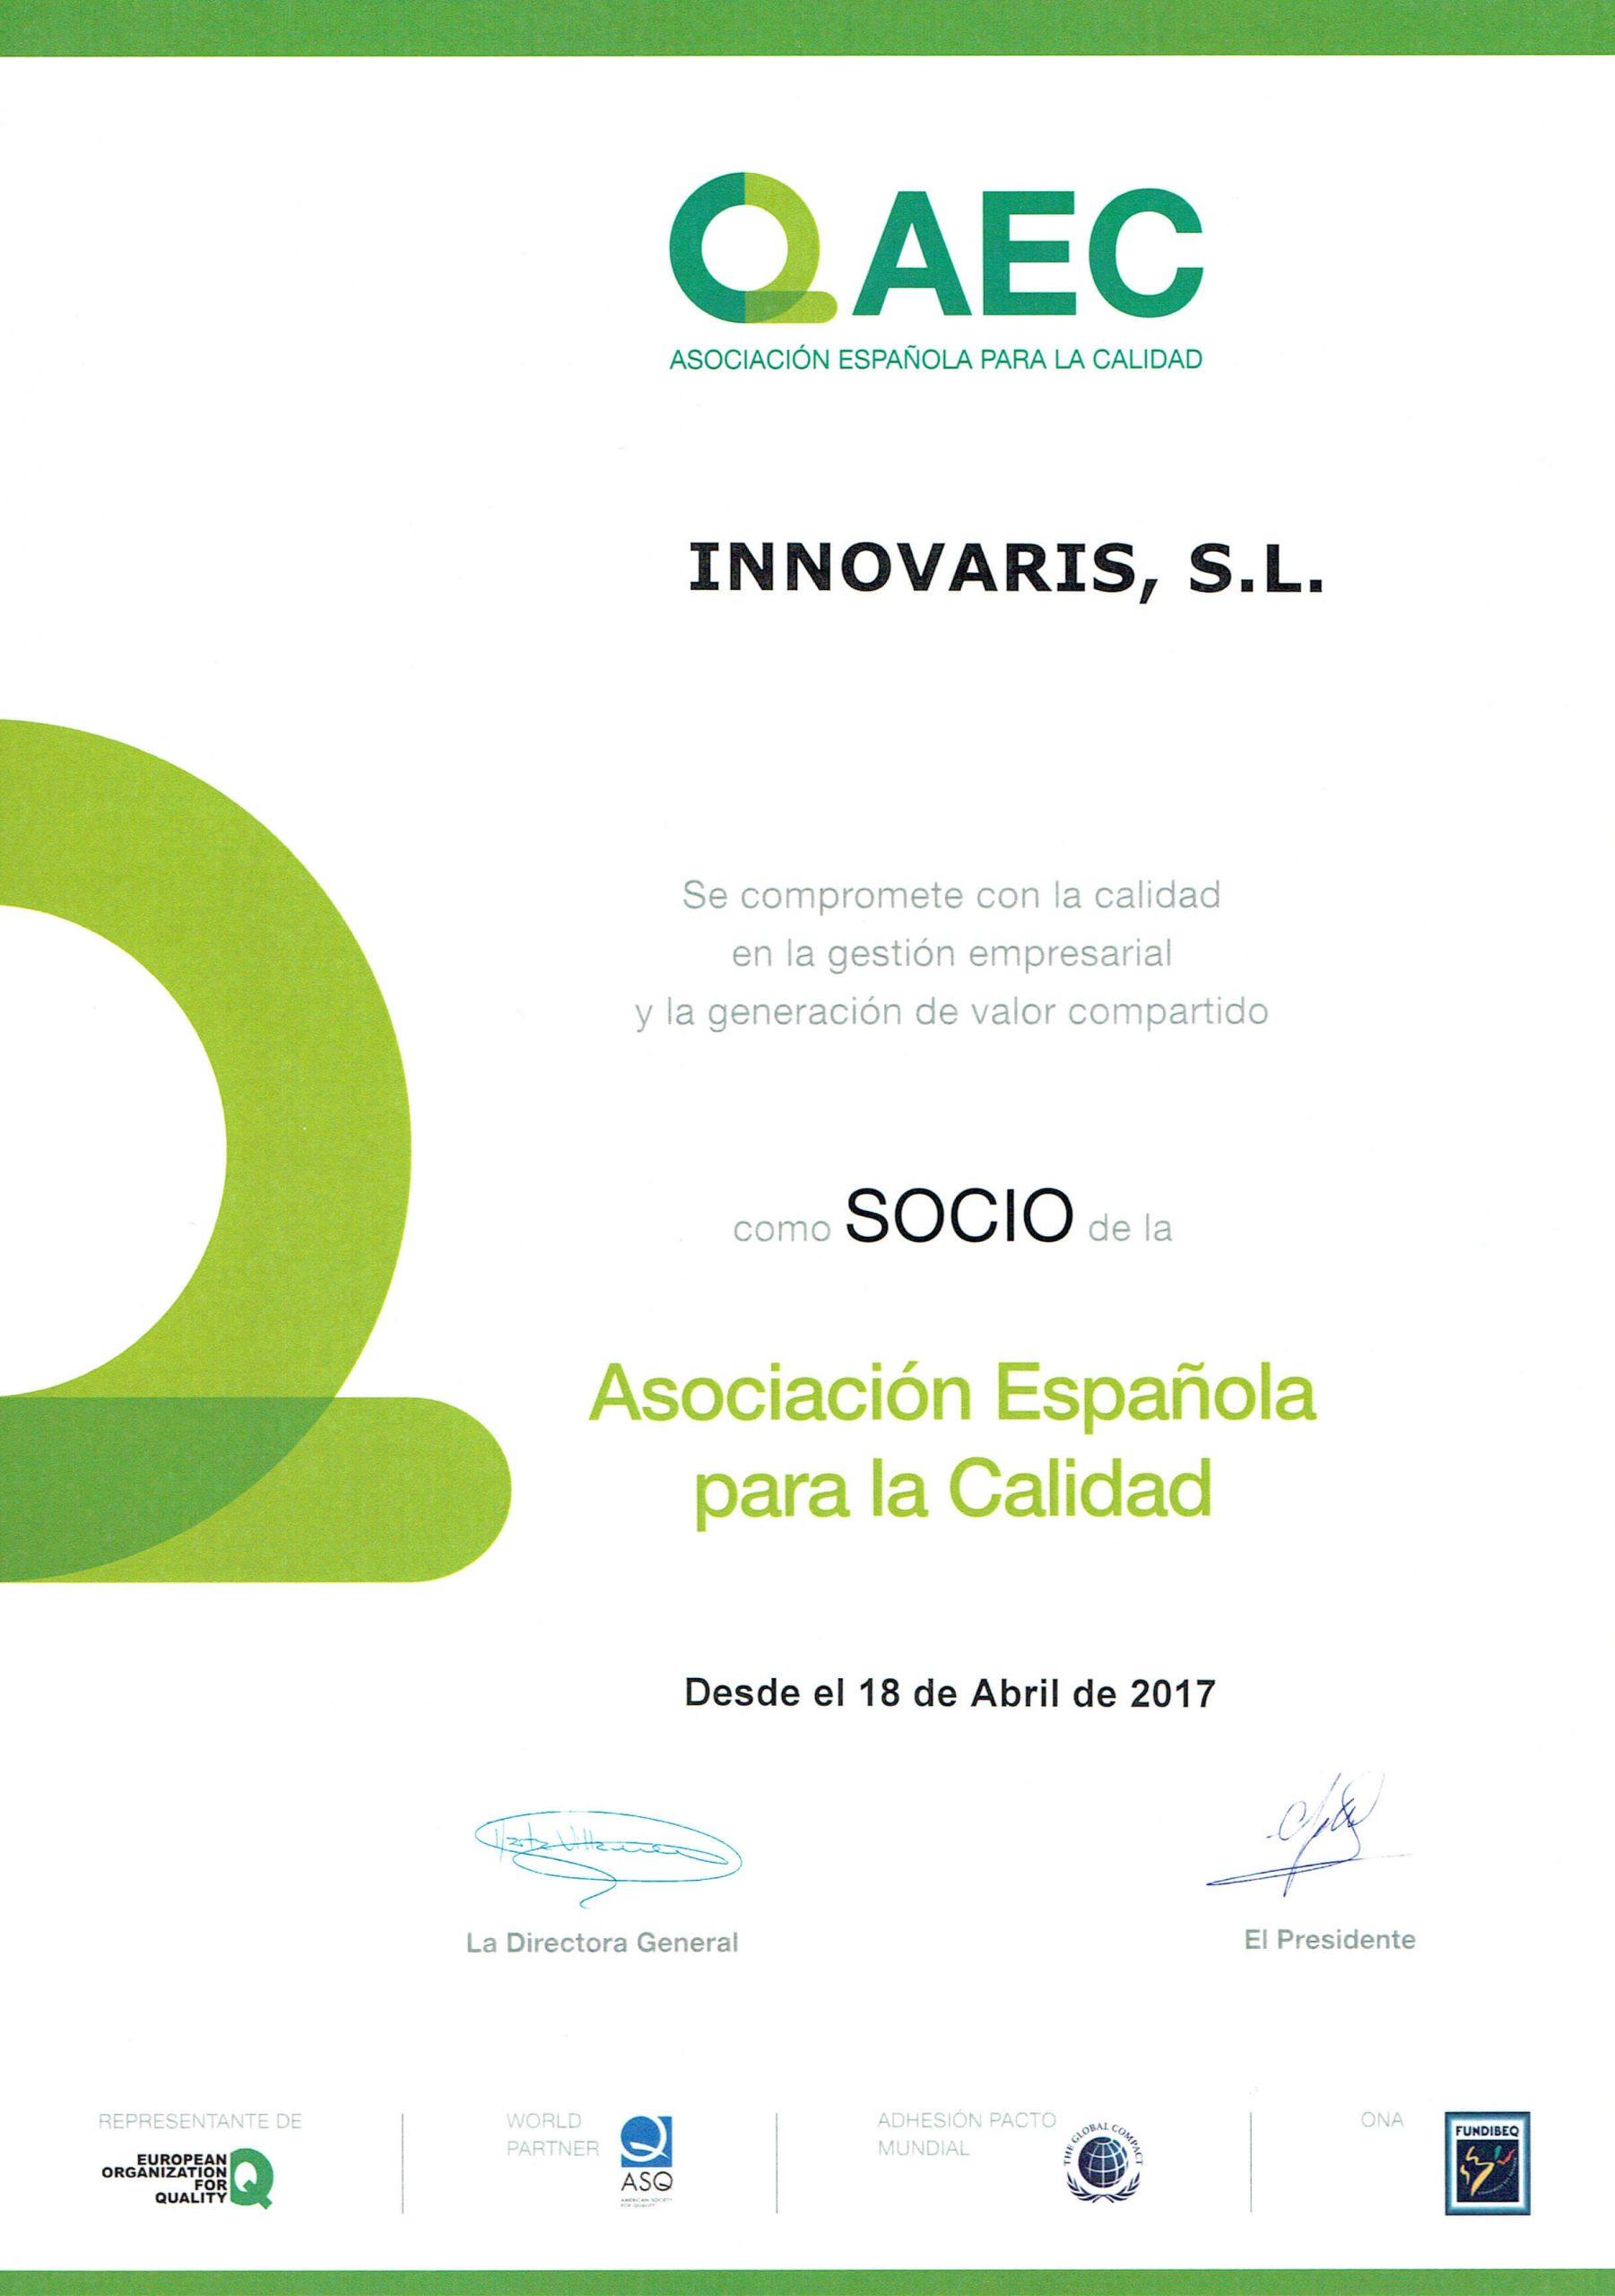 AEC - Asociación española para la calidad